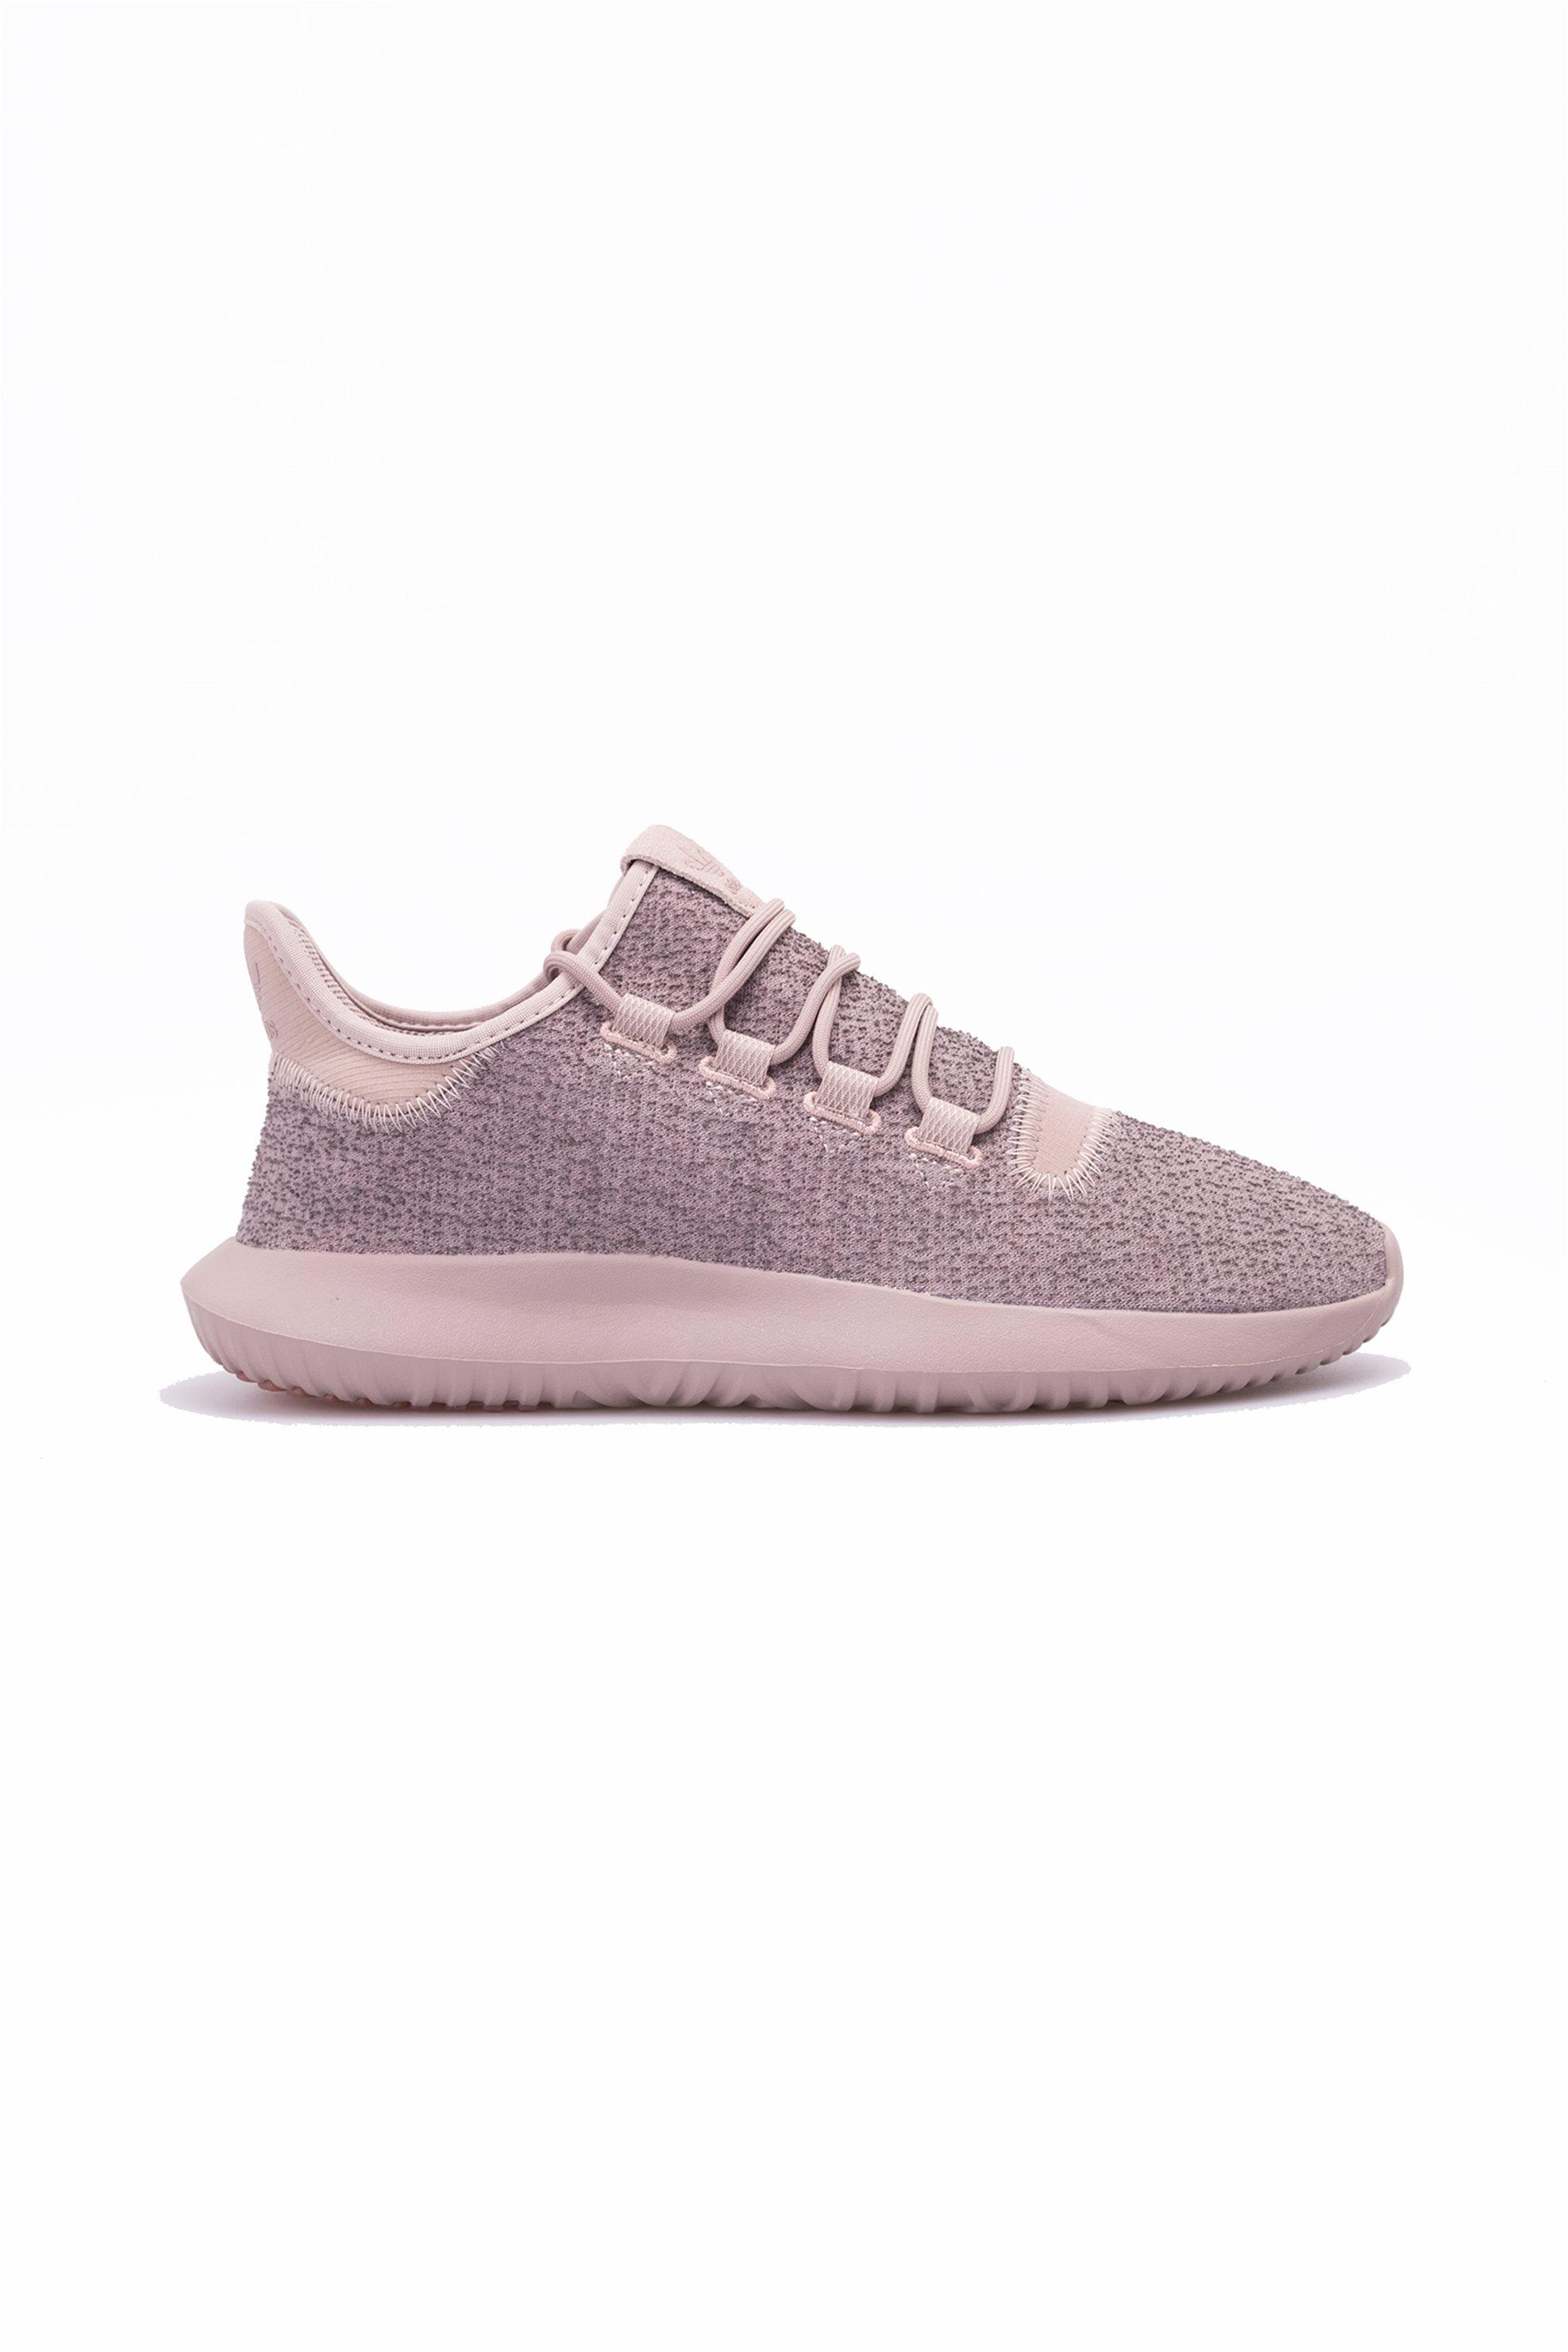 Ανδρικά παπούτσια Tubular Shadow Grey Beige Αdidas - BY3574 - Γκρι ανδρασ   αθλητικα   αθλητικά παπούτσια   running